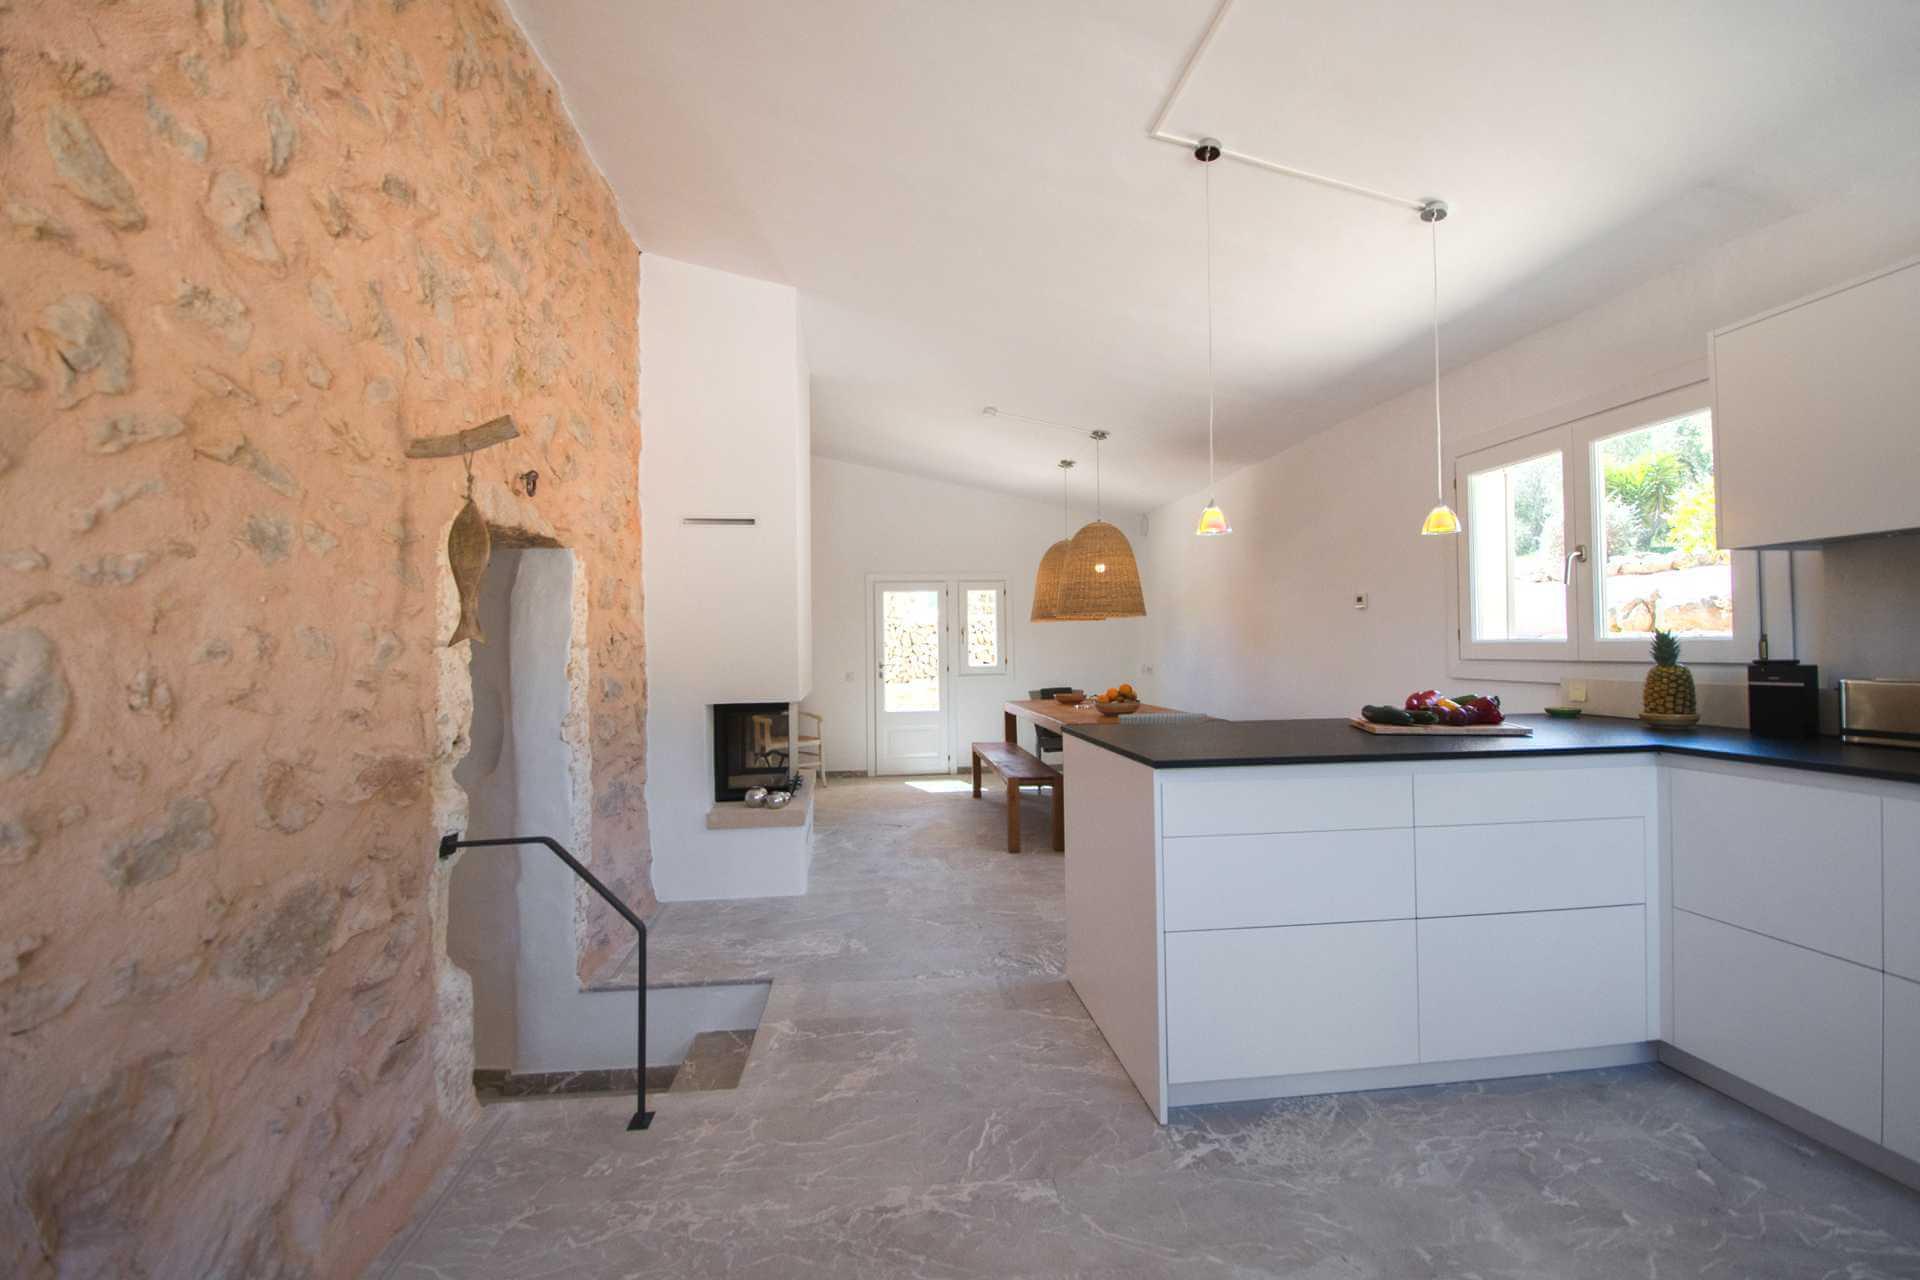 01-345 modern sea view Villa Mallorca east Bild 20